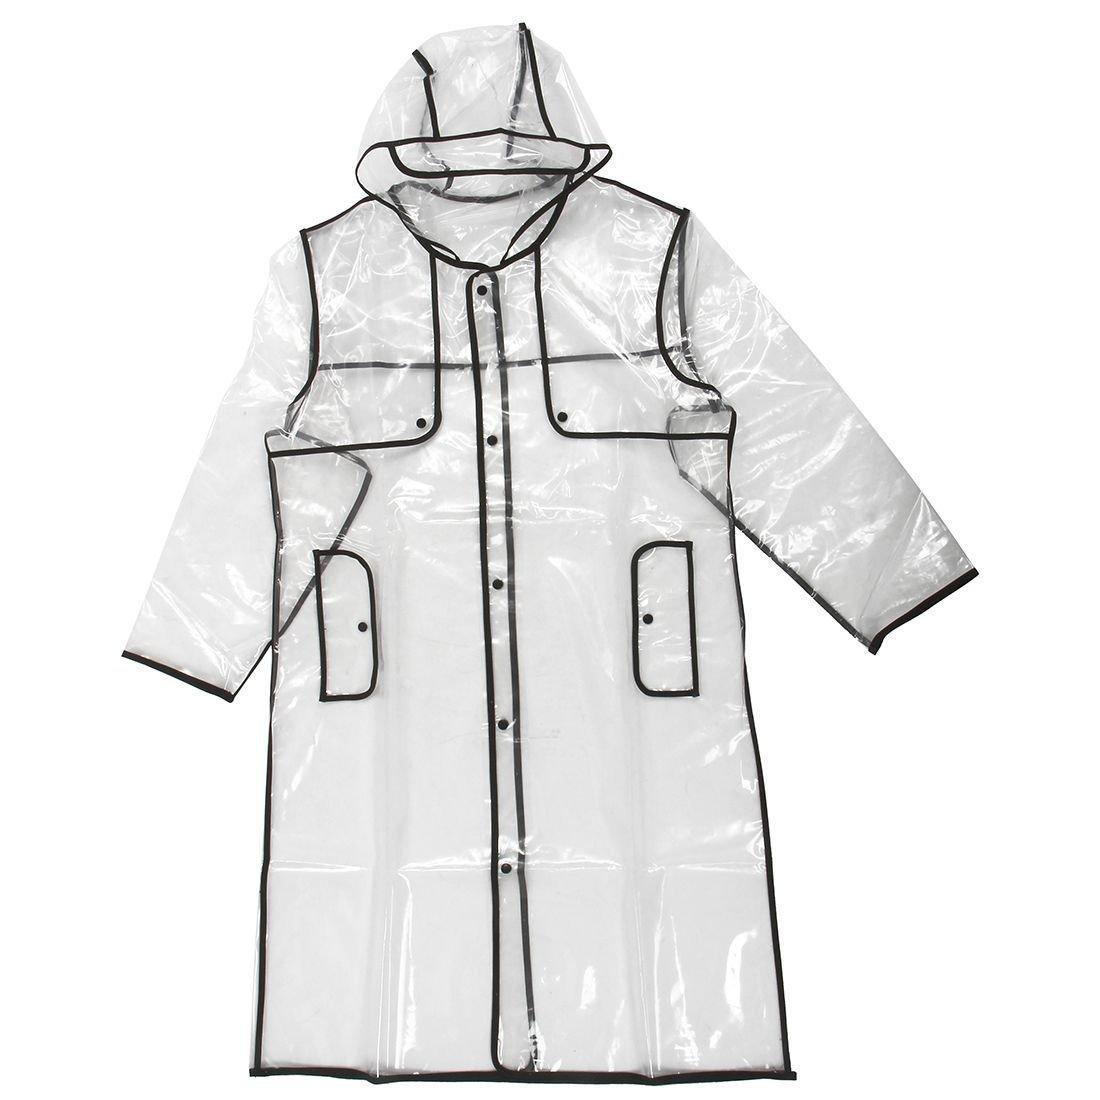 Naliovker Moda Donna Trasparente Eva Antipioggia Viaggi allaperto Impermeabile Cappotto di Pioggia Nero 130cm